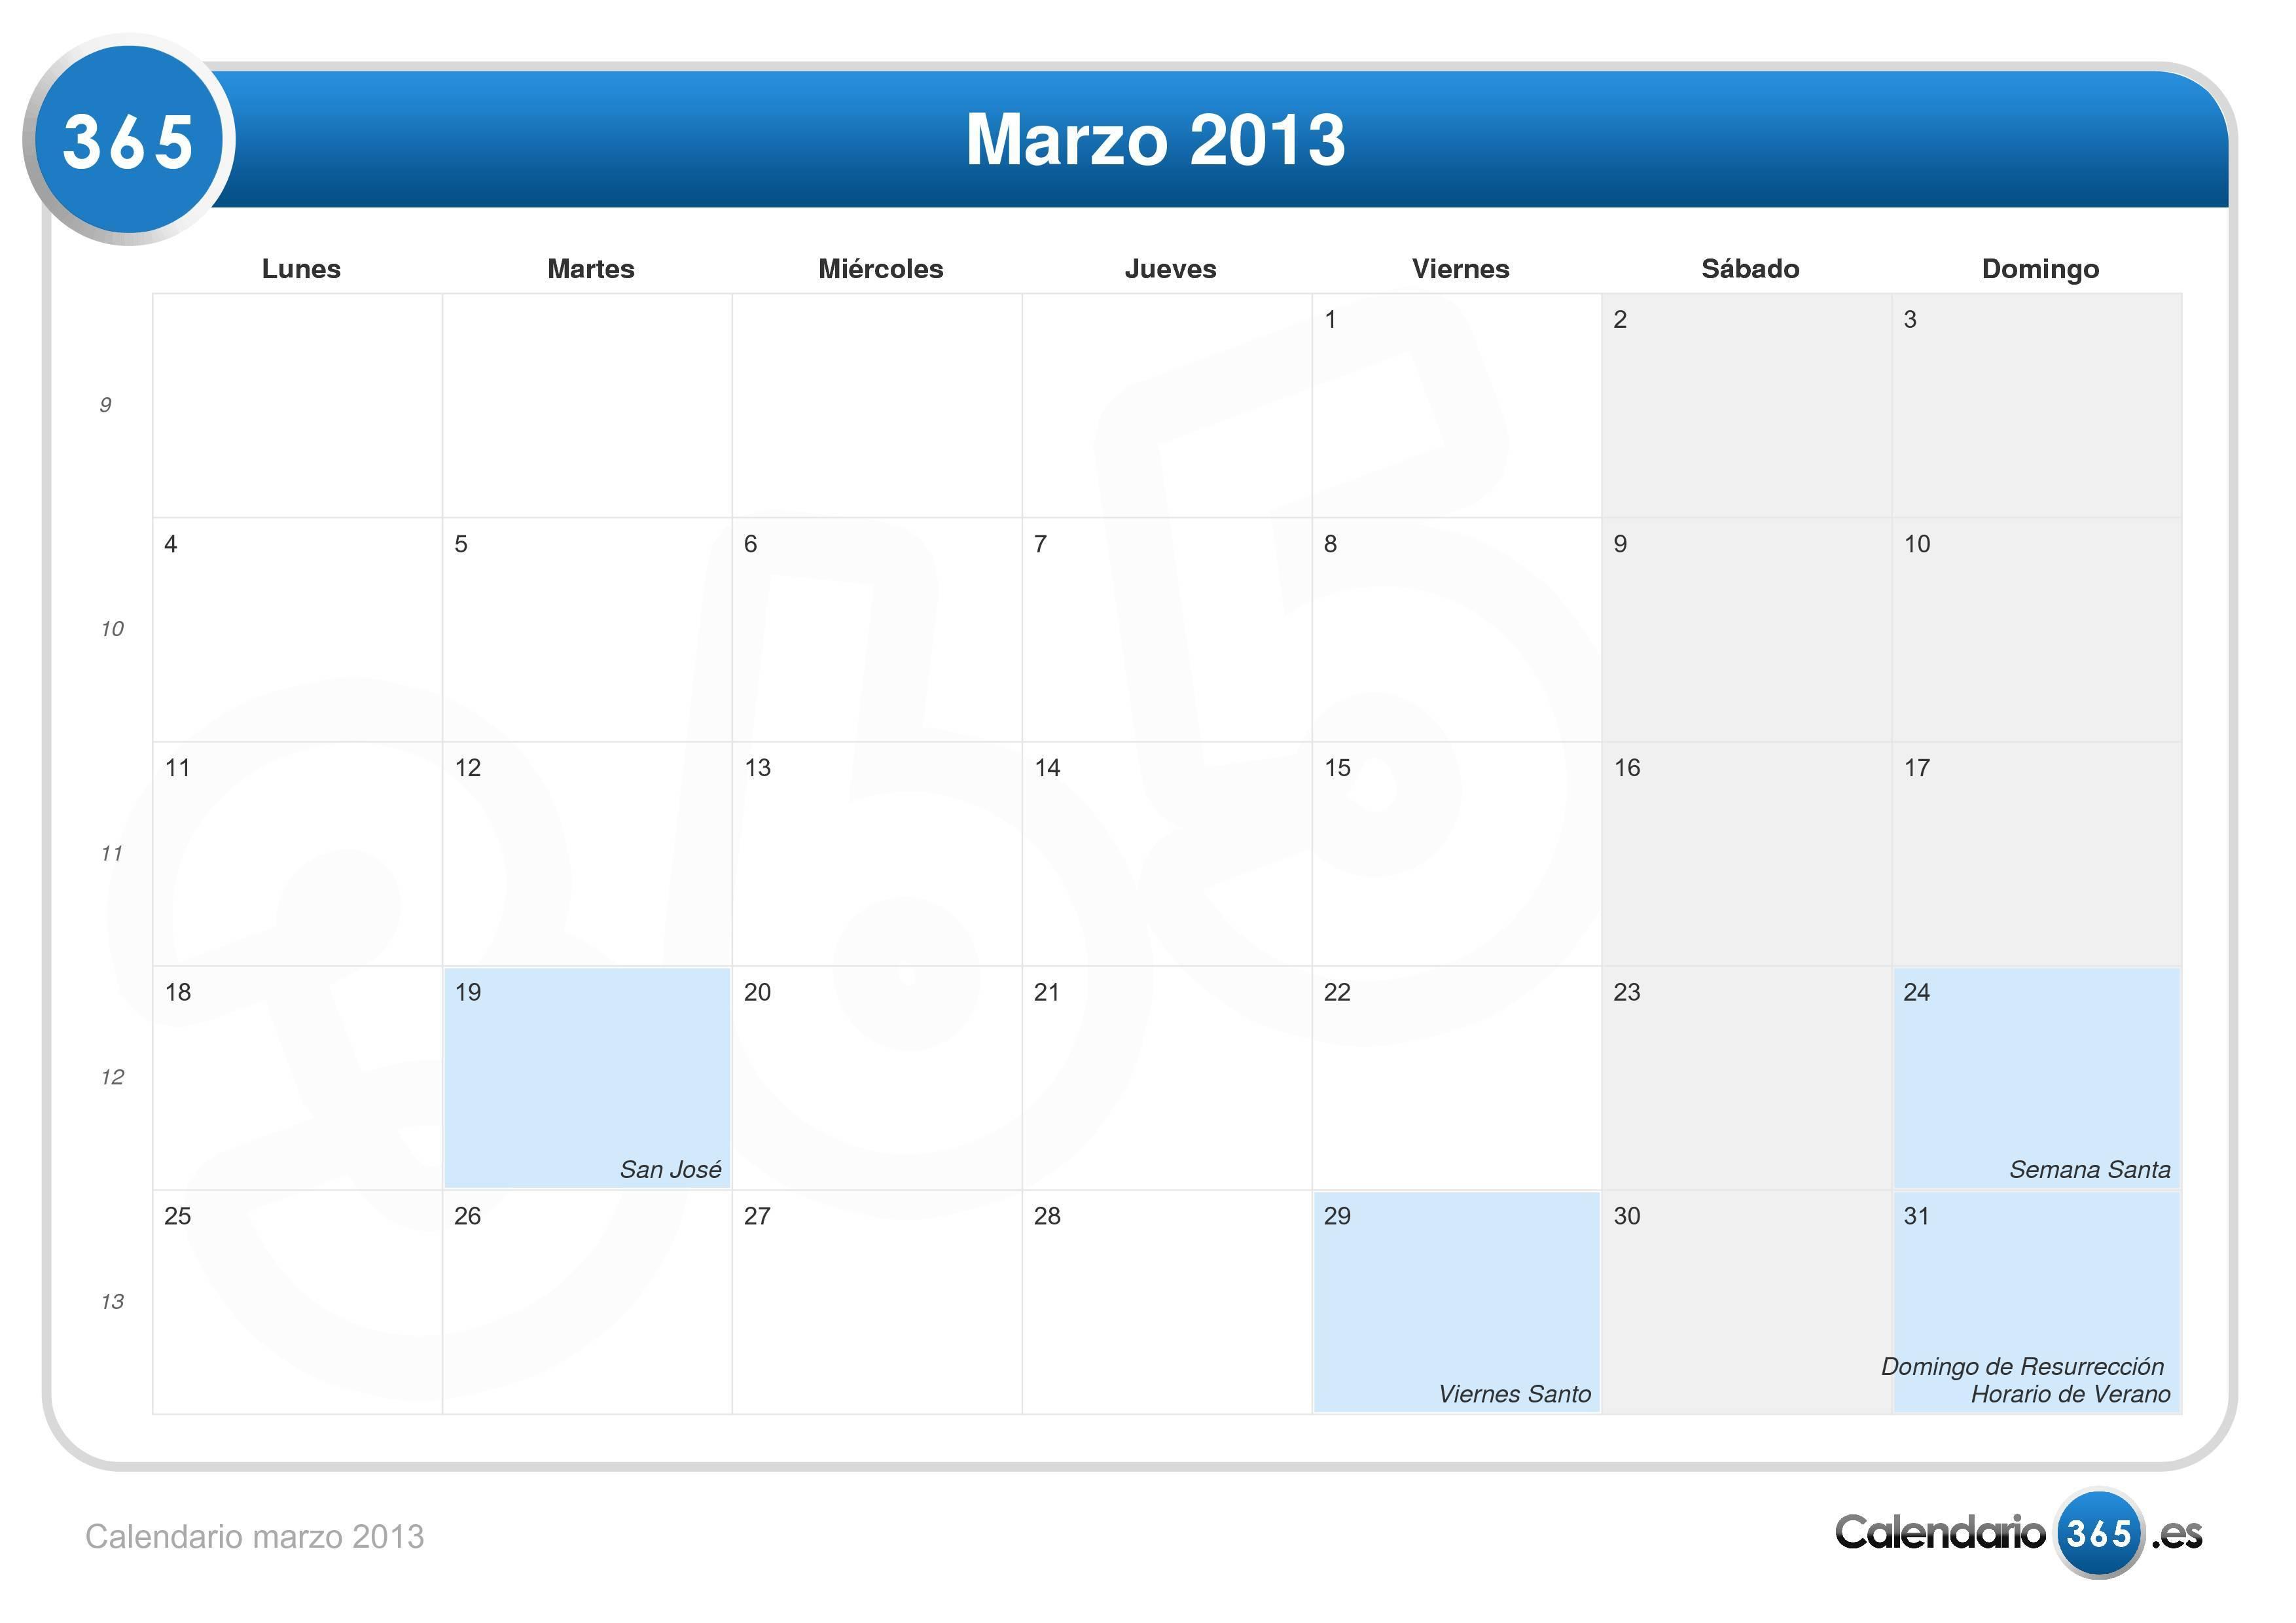 Calendario marzo 2013